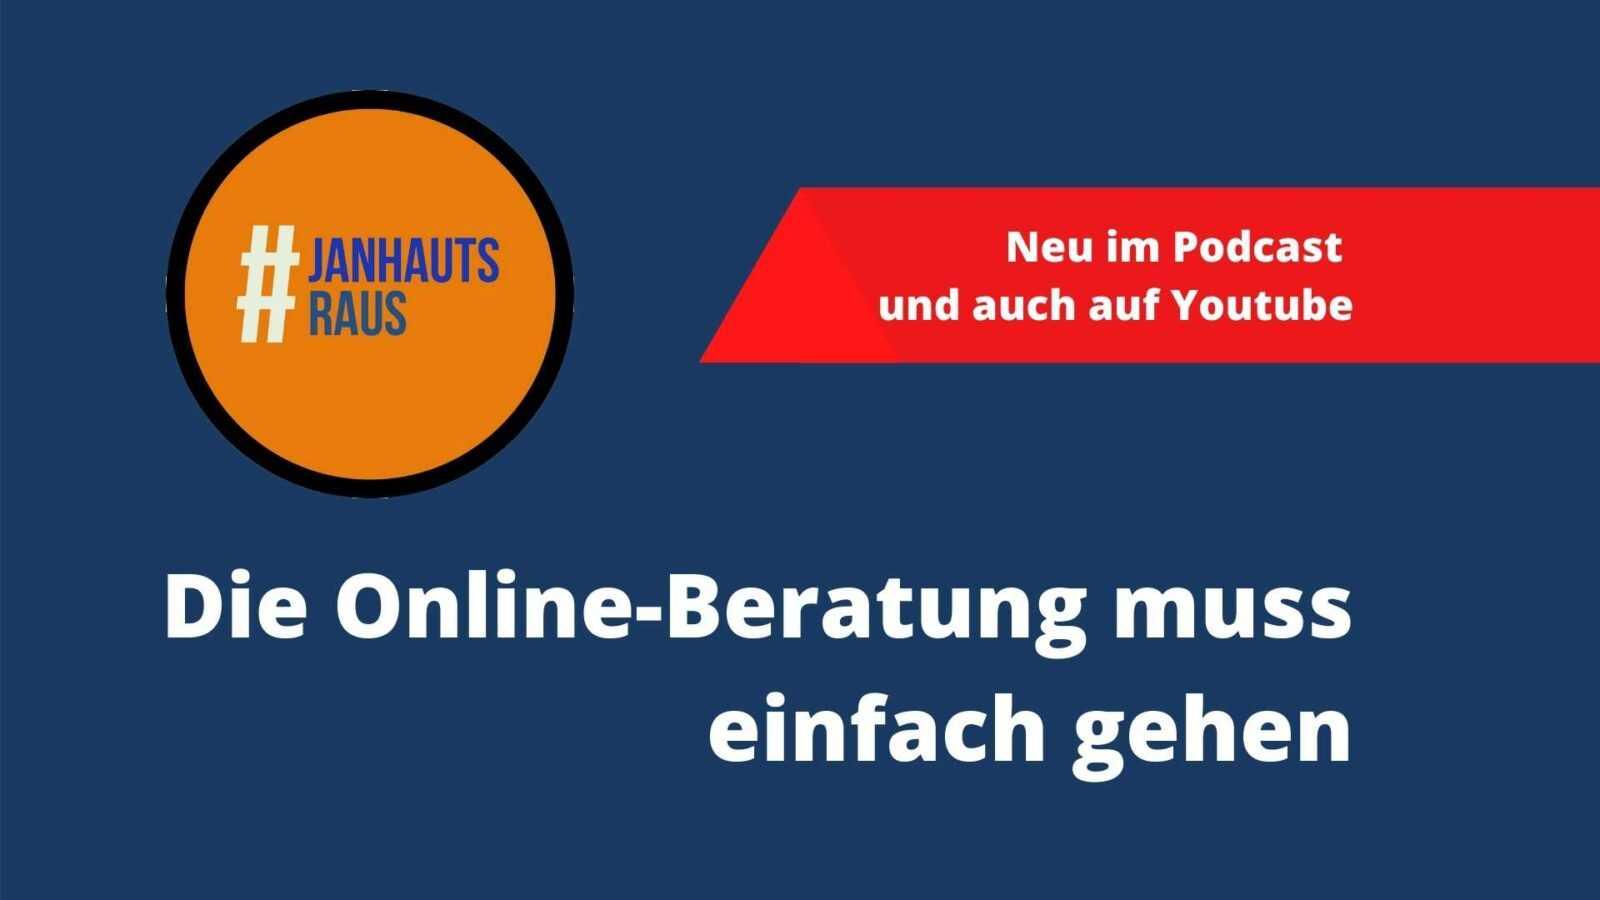 #janhautsraus - Die Onlineberatung muss einfach gehen, sonst geht es einfach nicht